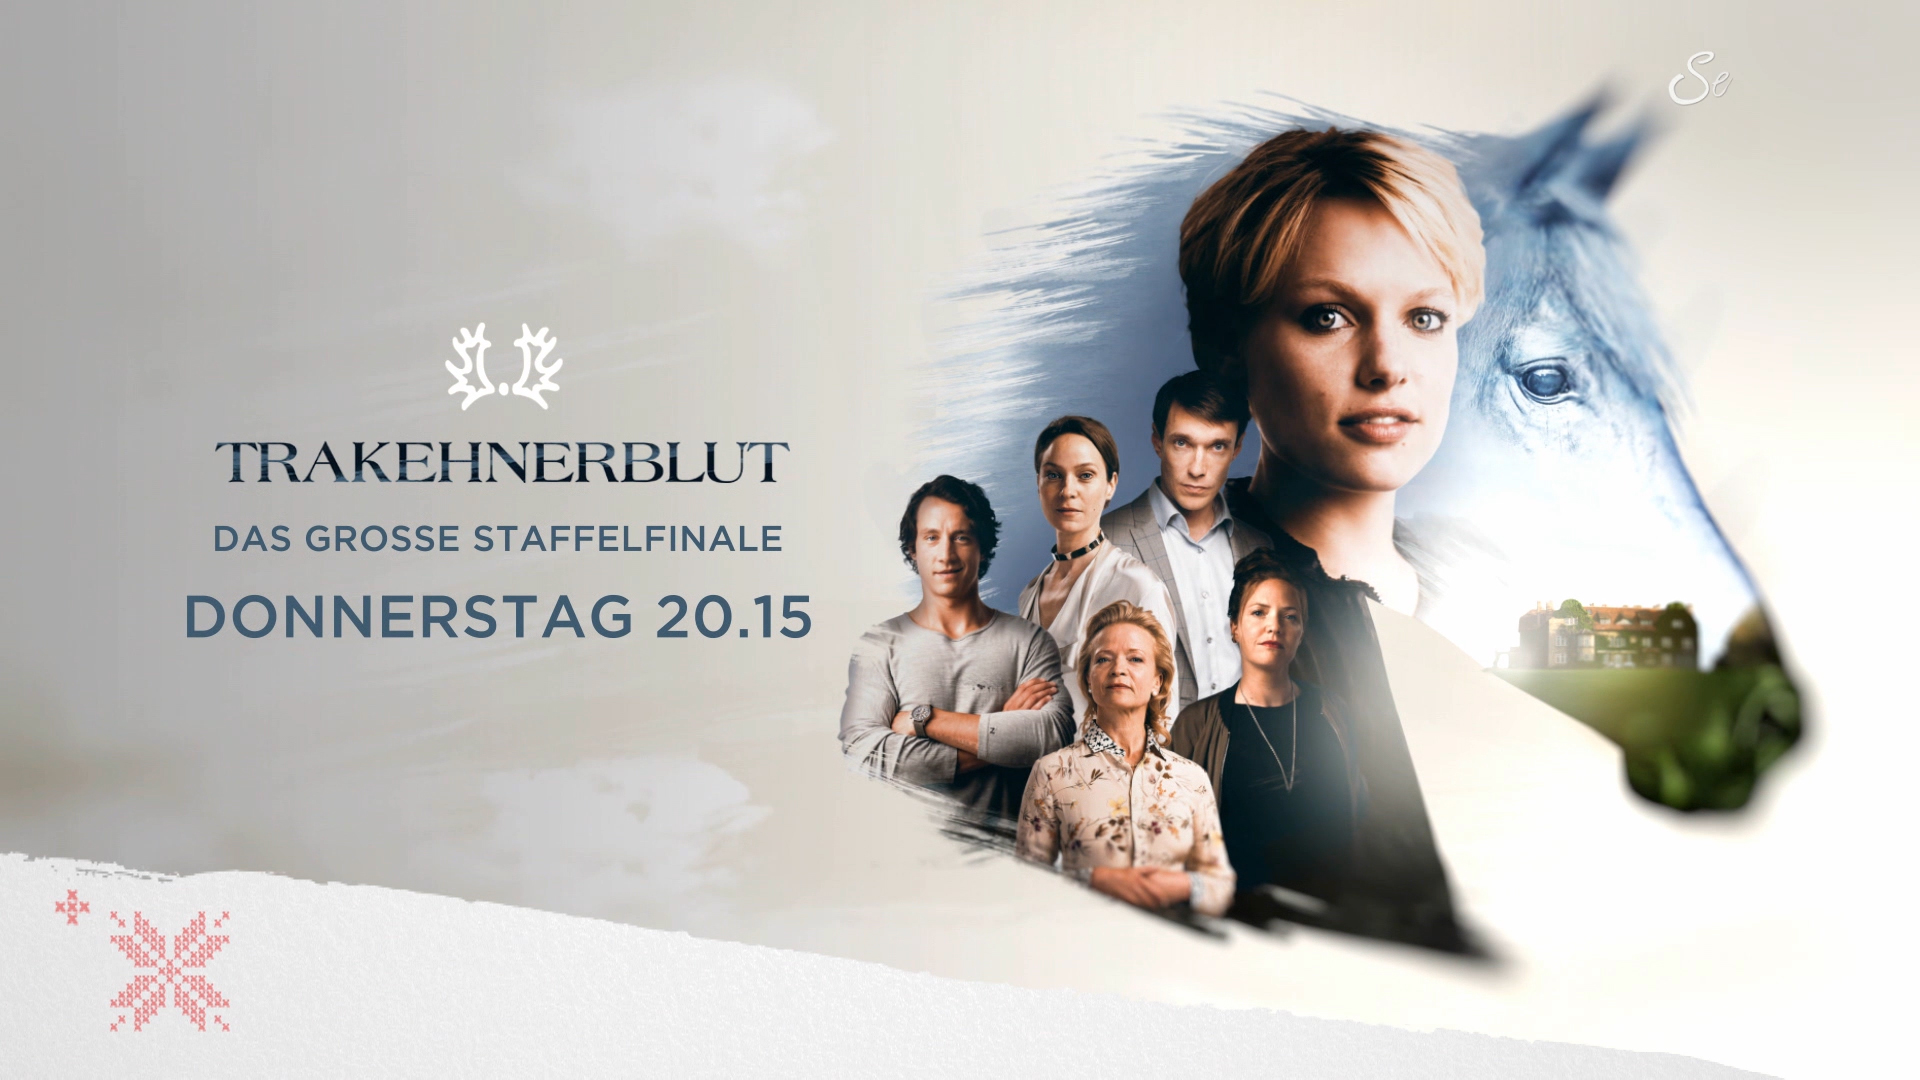 Servus TV Trakehnerblut Staffelfinale-Trailer